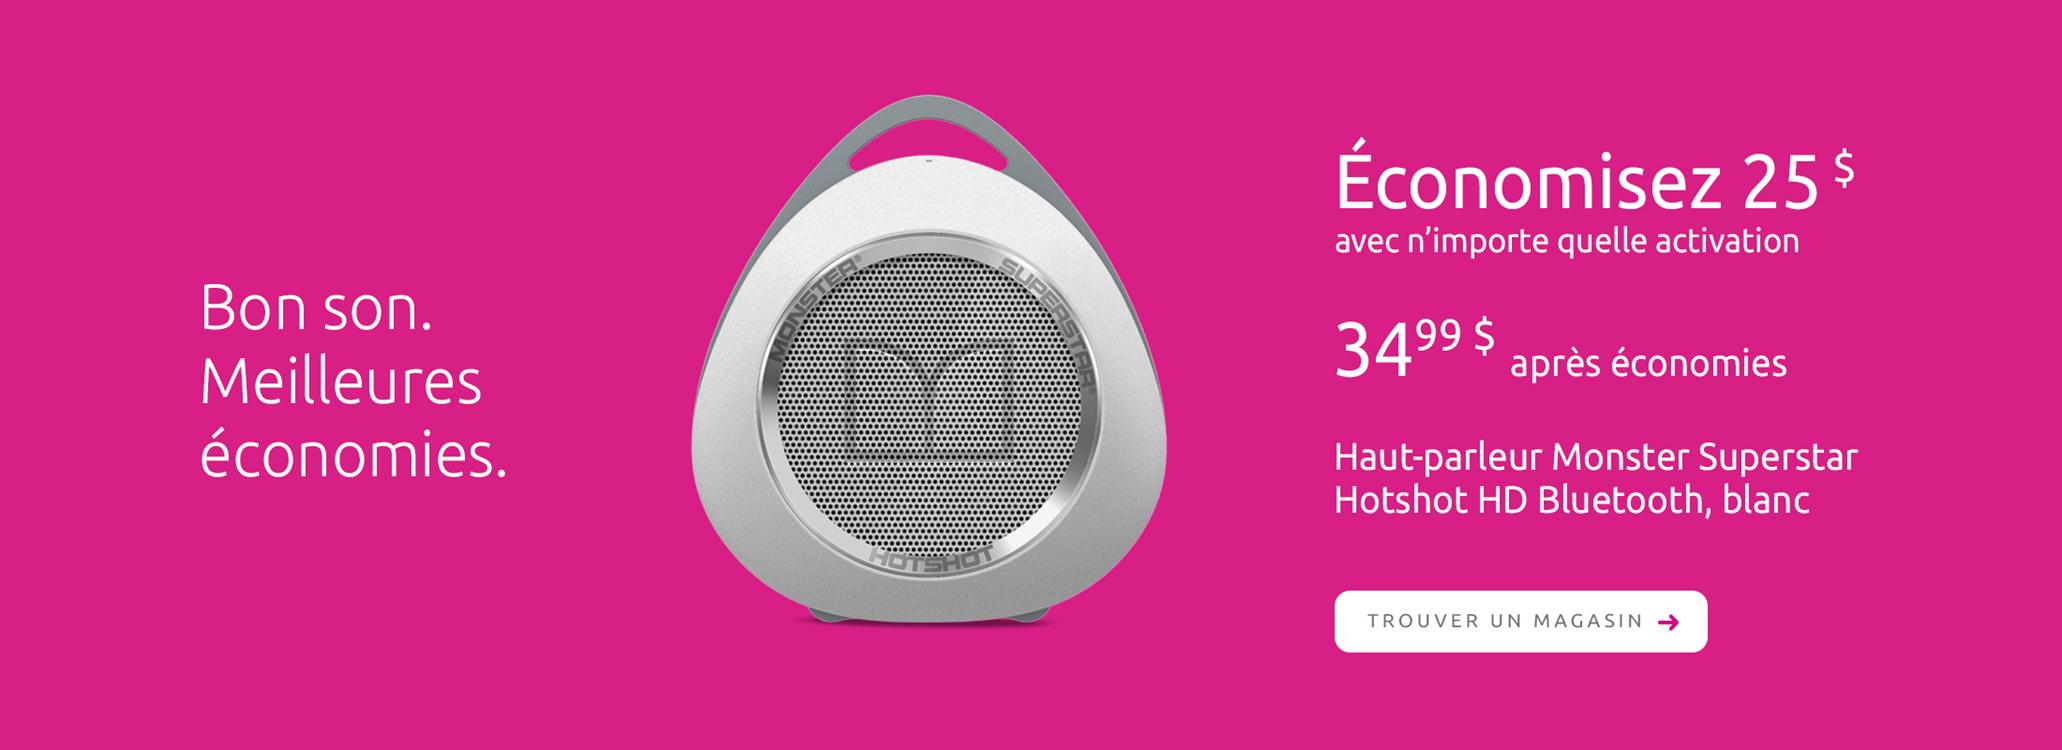 Haut-parleur Monster Superstar Hotshot HD Bluetooth